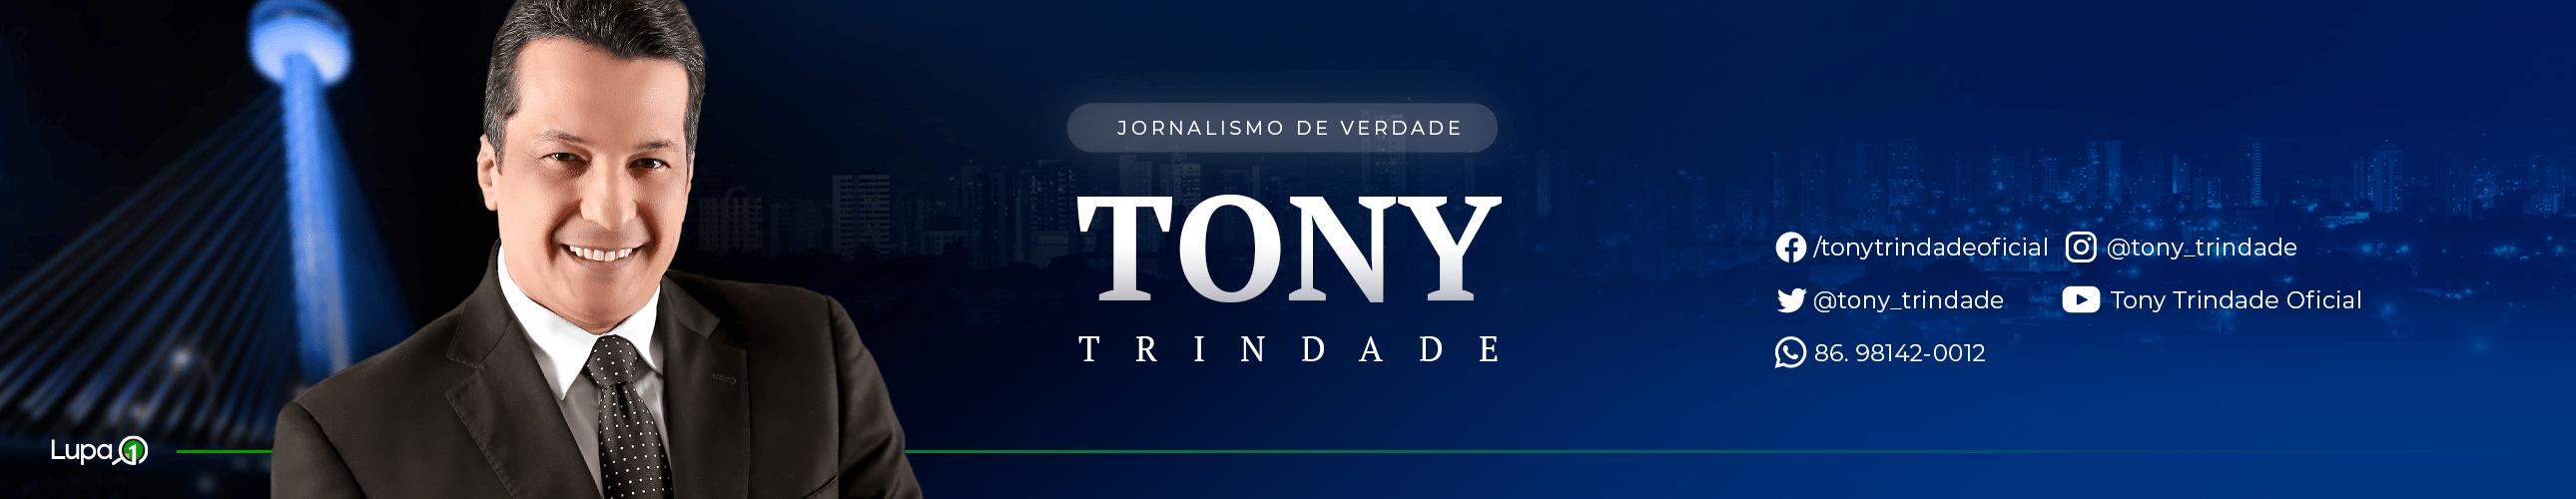 Tony Trindade